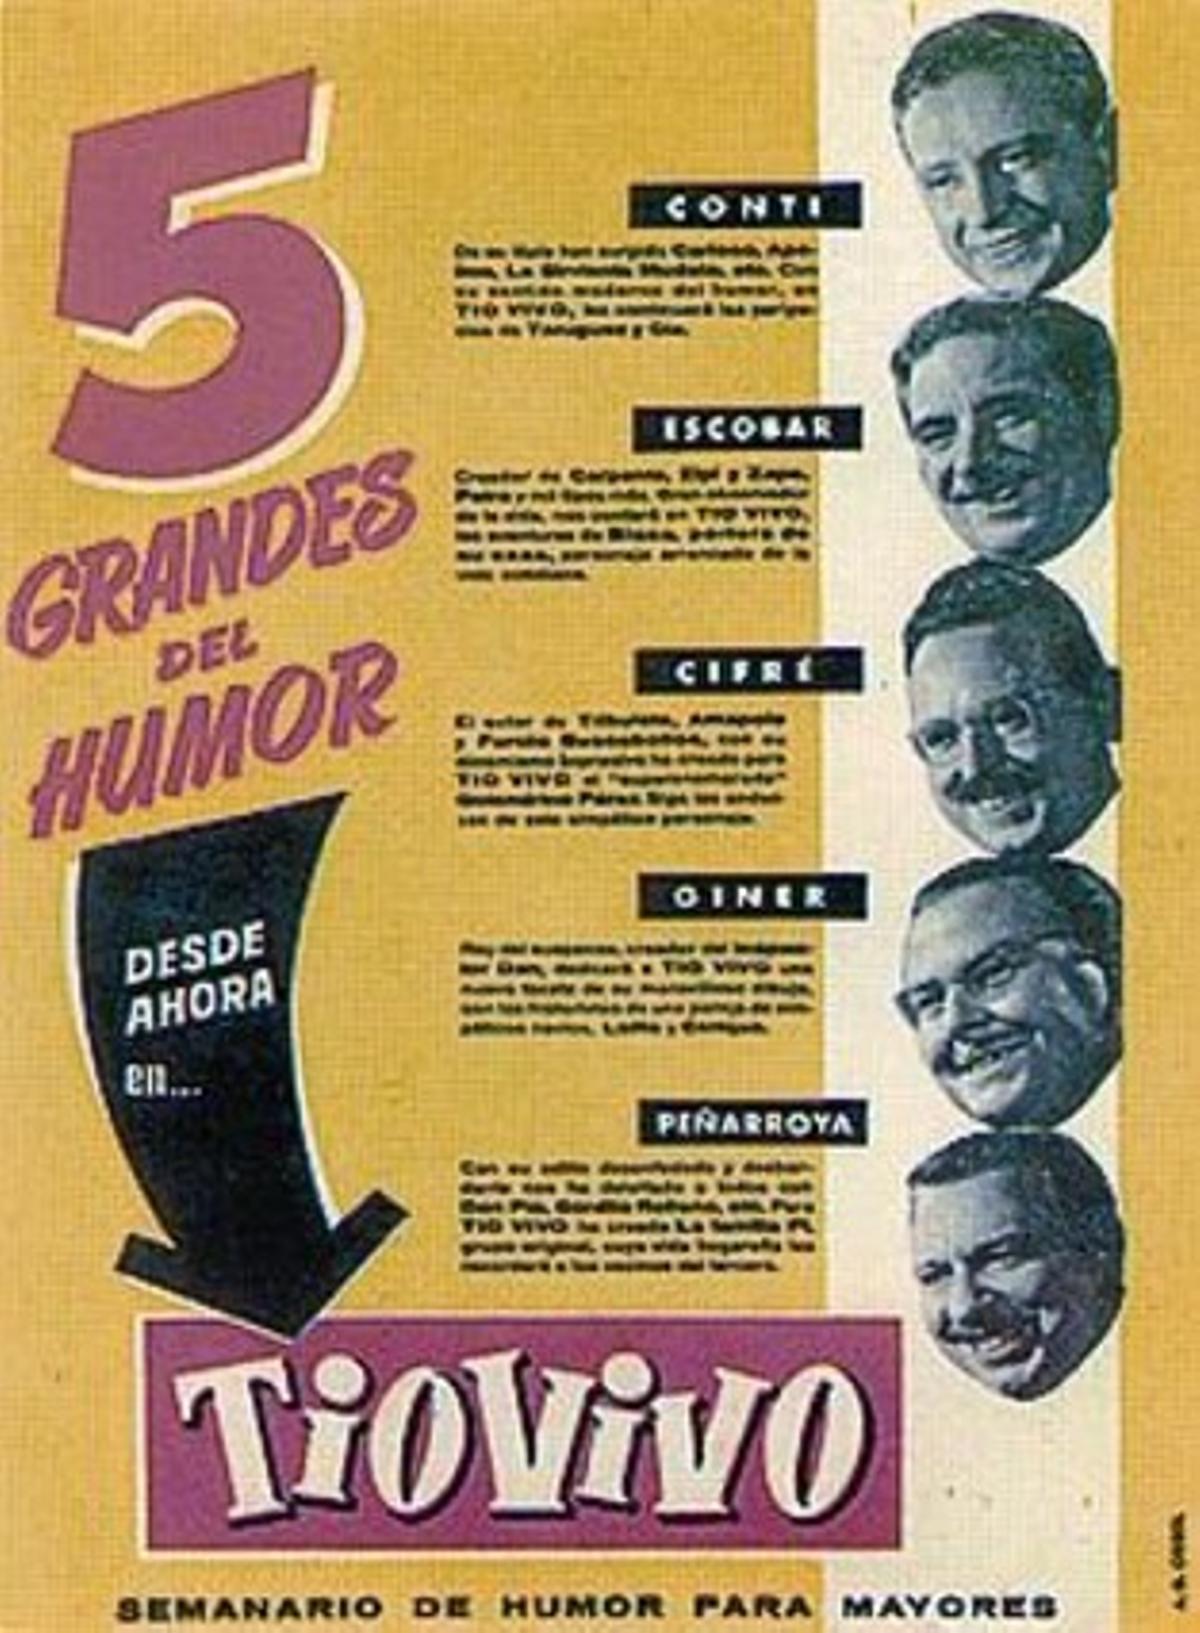 UN MUNDODE VIÑETAS 3Conti, Peñarroya, Escobar y Cifré pasean por una calle de Barcelona (izquierda) en la ilustración de portada del cómic de Paco Roca (derecha), y celebran el primer número de 'Tío Vivo' (arriba). A la izquierda, el personaje de Víctor Mora con Armonía, guionista y traductora de Bruguera. Abajo, promoción de la nueva revista.